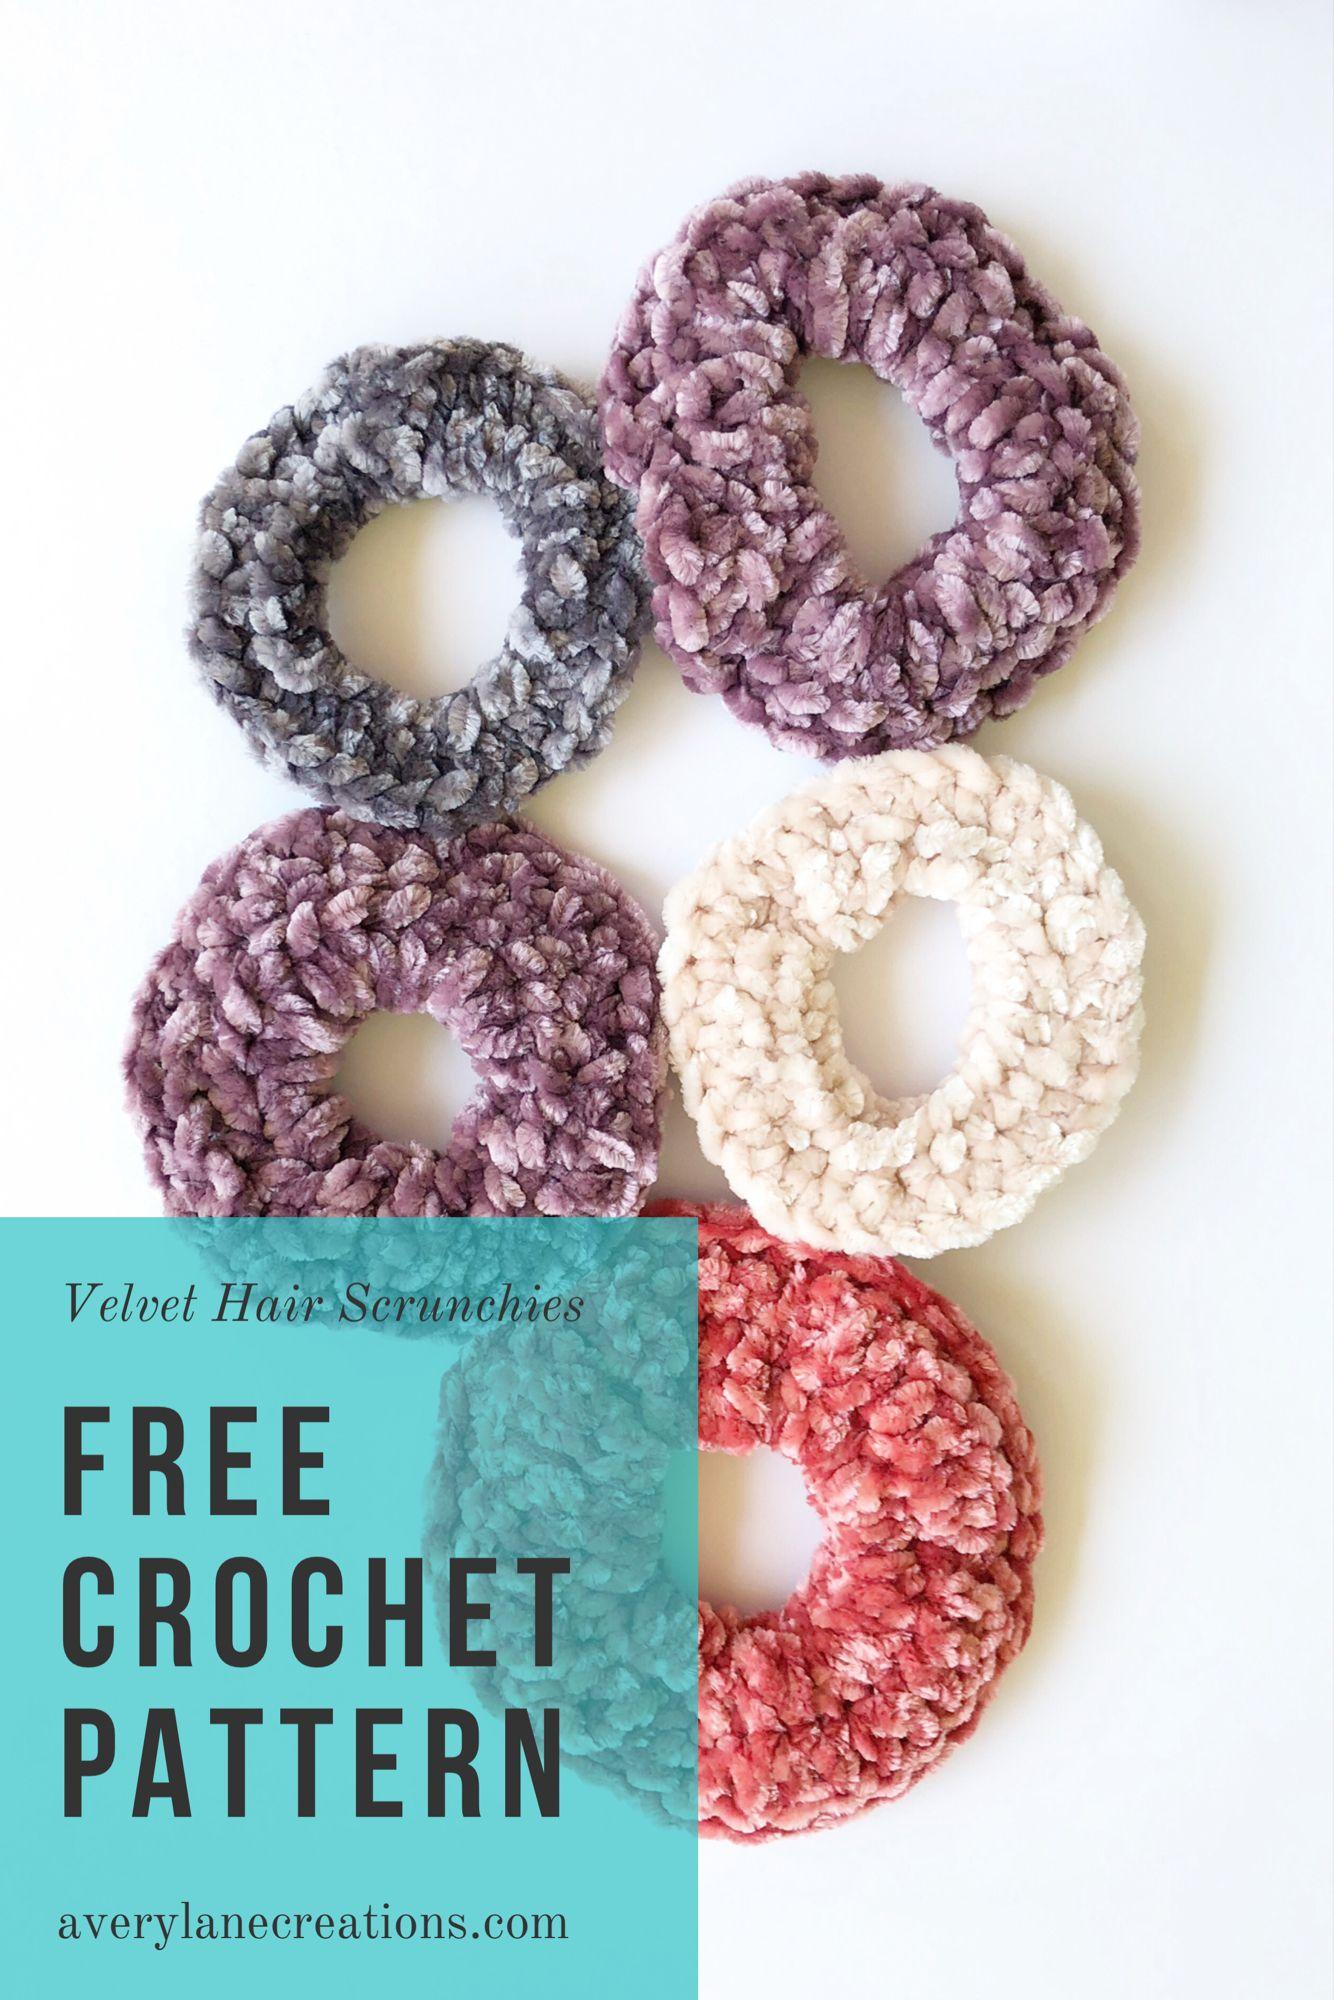 Free Crochet Pattern Velvet Hair Scrunchies